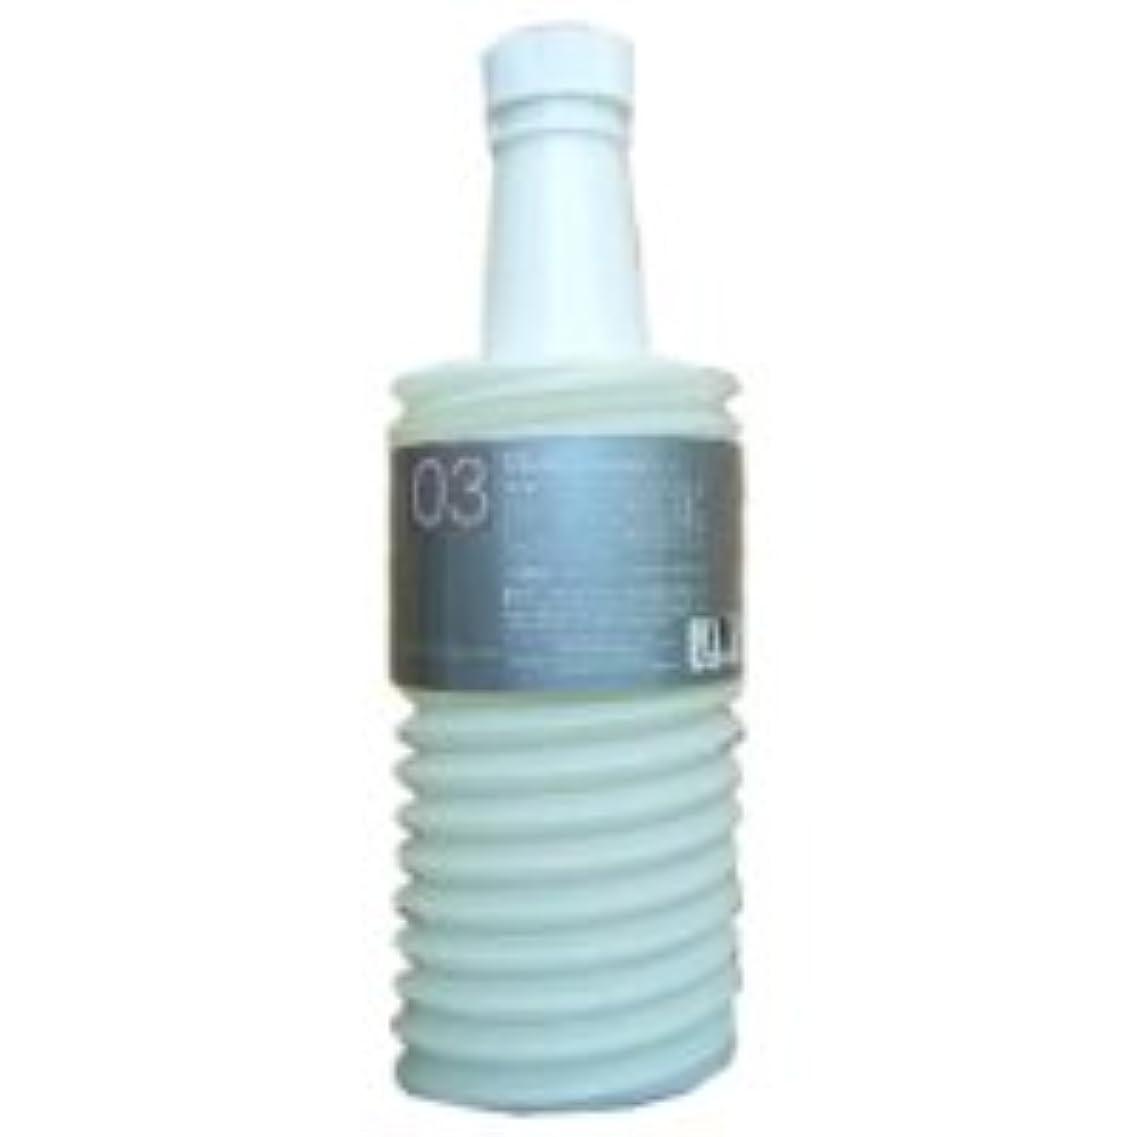 確認する広くゴシップムコタ アデューラ アイレ03 ライトベールコンディショナー リゼ 700g(業務?詰替用)